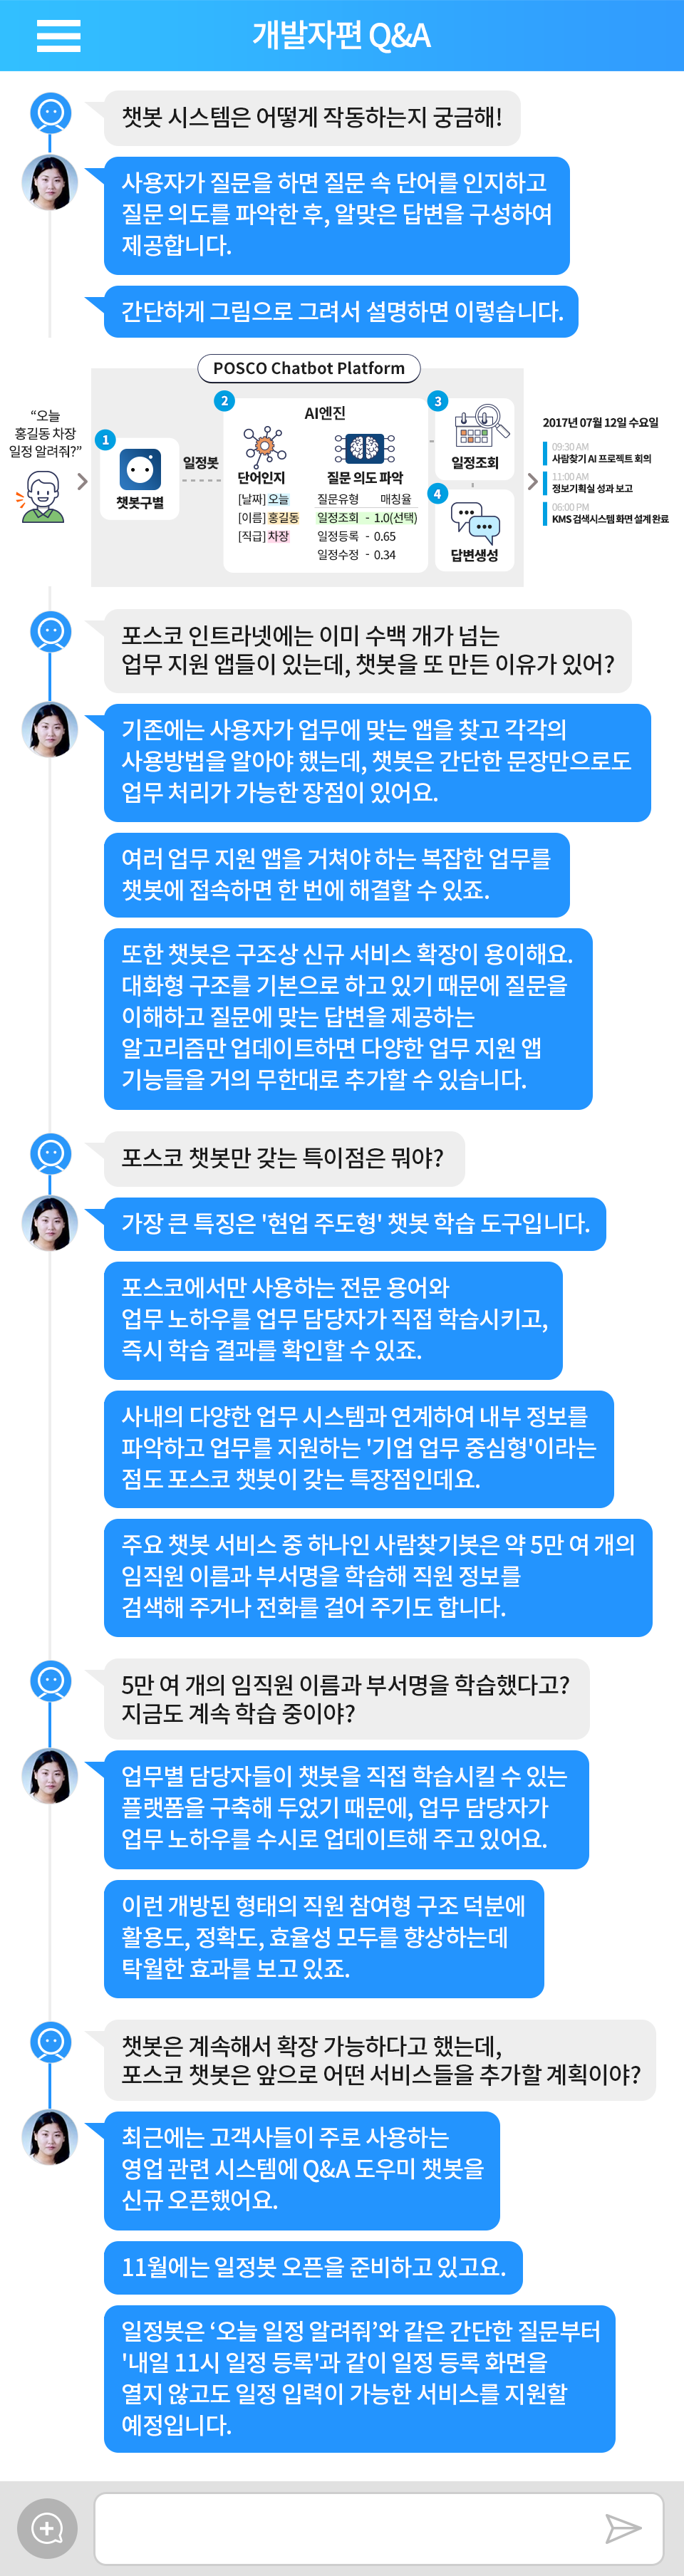 """개발자편 Q&A. Q: 챗봇 시스템은 어떻게 작동하는지 궁금해! A: 사용자가 질문을 하면 질문 속 단어를 인지하고 질문 의도를 파악한 후, 알맞은 답변을 구성하여 제공합니다. 간단하게 그림으로 그려서 설명하면 이렇습니다. POSCO Chatbot Platform. """"오늘 홍길동 차장 일정 알려줘?"""" 1챗봇구별 2AI엔진 단어인지 [날짜]오늘, [이름]홍길동, [직급]차장. 질문 의도 파악 질문유형 매칭율, 일정조회 - 1.0(선택) / 일정등록 - 0.65 / 일정수정 - 0.34 3일정조회 4답변생성 2017년 07월 12일 수요일 09:30AM 사람찾기 AI 프로젝트 회의 11:00AM 정보기획실 성과 보고 06:00PM KMS 검색시스템 화면 설계 완료. Q: 포스코 인트라넷에는 이미 수백 개가 넘는 업무 지원 앱들이 있는데, 챗봇을 또 만든 이유가 있어? A: 기존에는 사용자가 업무에 맞는 앱을 찾고 각각의 사용방법을 알아야 했는데, 챗봇은 간단한 문장만으로도 업무 처리가 가능한 장점이 있어요. 여러 업무 지원 앱을 거쳐야 하는 복잡한 업무를 챗봇에 접속하면 한 번에 해결할 수 있죠. 또한 챗봇은 구조상 신규 서비스 확장이 용이해요. 대화형 구조를 기본으로 하고 있기 때문에 질문을 이해하고 질문에 맞는 답변을 제공하는 알고리즘만 업데이트하면 다양한 업무 지원 앱 기능들을 거의 무한대로 추가할 수 있습니다. Q: 포스코 챗봇만 갖는 특이점은 뭐야? A: 가장 큰 특징은 '현업 주도형 챗봇 학습 도구입니다. 포스코에서만 사용하는 전문 용어와 업무 노하우를 업무 담당자가 직접 학습시키고, 즉시 학습 결과를 확인할 수 있죠. 사내의 다양한 업무 시스템과 연계하여 내부 정보를 파악하고 업무를 지원하는 '기업 업무 중심형'이라는 점도 포스코 챗봇이 갖는 특장점인데요. 주요 챗봇 서비스 중 하나인 사람찾기봇은 약 5만 여 개의 임직원 이름과 부서명을 학습해 직원 정보를 검색해 주거나 전화를 걸어 주기도 합니다. Q: 5만 여 개의 임직원 이름과 부서명을 학습했다고? 지금도 계속 학습 중이요? A: 업무별 담당자들이 챗봇을 직접 학습시킬 수 있는 플랫폼을 구축해 두었기 때문에, 업무 담당자가 업무 노하우를 수시로 업데이트해 주고 있어요. 이런 개방된 형태의 직원 참여형 구조 덕분에 활용도, 정확도, 효율성 모두를 향상하는데 탁월한 효과를 보고 있죠. Q: 챗봇은 계속해서 확장 가능하다고 했는데, 포스코 챗봇은 앞으로 어떤 서비스들을 추가할 계획이야? A: 최근에는 고객사들이 주로 사용하는 영업 관련 시스템에 Q&A 도우미 챗봇을 신규 오픈했어요. 11월에는 일정봇 오픈을 준비하고 있고요. 일정봇은 '오늘 일정 알려줘'와 같은 간단한 질문부터 '내일 11시 일정 등록'과 같이 일정 등록 화면을 열지 않고도 일정 입력이 가능한 서비스를 지원할 예정입니다. 기획자편 Q&A. Q: 실제로 일할 때 챗봇을 어떻게 활용할 수 있어? A: 업무 담당자를 찾을 때 트리형식의 조직도를 여러 번 클릭하며 검색에 힘 빼지 말고 챗봇을 활용해 보세요. Q: 그럼 포항 1열연공장장님 이름을 바로 알려줄 수 있어? A: '근무지역은 포항, 조직명은 1열연, 직책이 공장장님' 조건에 맞는 분을 바로 찾을 수 있죠! 그리고 """"ㅇㅇㅇ공장장님께 메일 보내줘""""라고 말하면 바로 메일 수신인이 자동으로 입력된 작성 창이 열립니다. Q: 우와! 정말 편한데! 바로 전화 걸기도 돼? A: """"ㅇㅇㅇ에게 전화걸어""""라고만 하면 사무실 전화나 핸드폰에서 바로 전화를 걸 수 있습니다. 명령어가 너무 길다고요? 나만의 단축어로 전화 걸기 설정도 가능합니다. Q: 또 어떤 일을 할 수 있어? A: 메일을 찾는 것도 도와드려요. """"ㅇㅇㅇ이 지난주 원가절감 관련 보낸 메일 찾아""""라고 입력하면 보낸 사람, 수신 일자, 키워드를 종합적으로 파악하여 자동으로 검색한 결과를 제공해 주기 때문에 수많은 메일 속에서 원하는 정보만 쏙쏙 골라 볼 수 있답니다. Q: 그럼 문서함에 들어가지 않고도 최근에 편집한 문서를 바로 찾을 수 있어? A: """"문서 찾아줘""""라고 질문하지 않으셔도 업무패턴"""